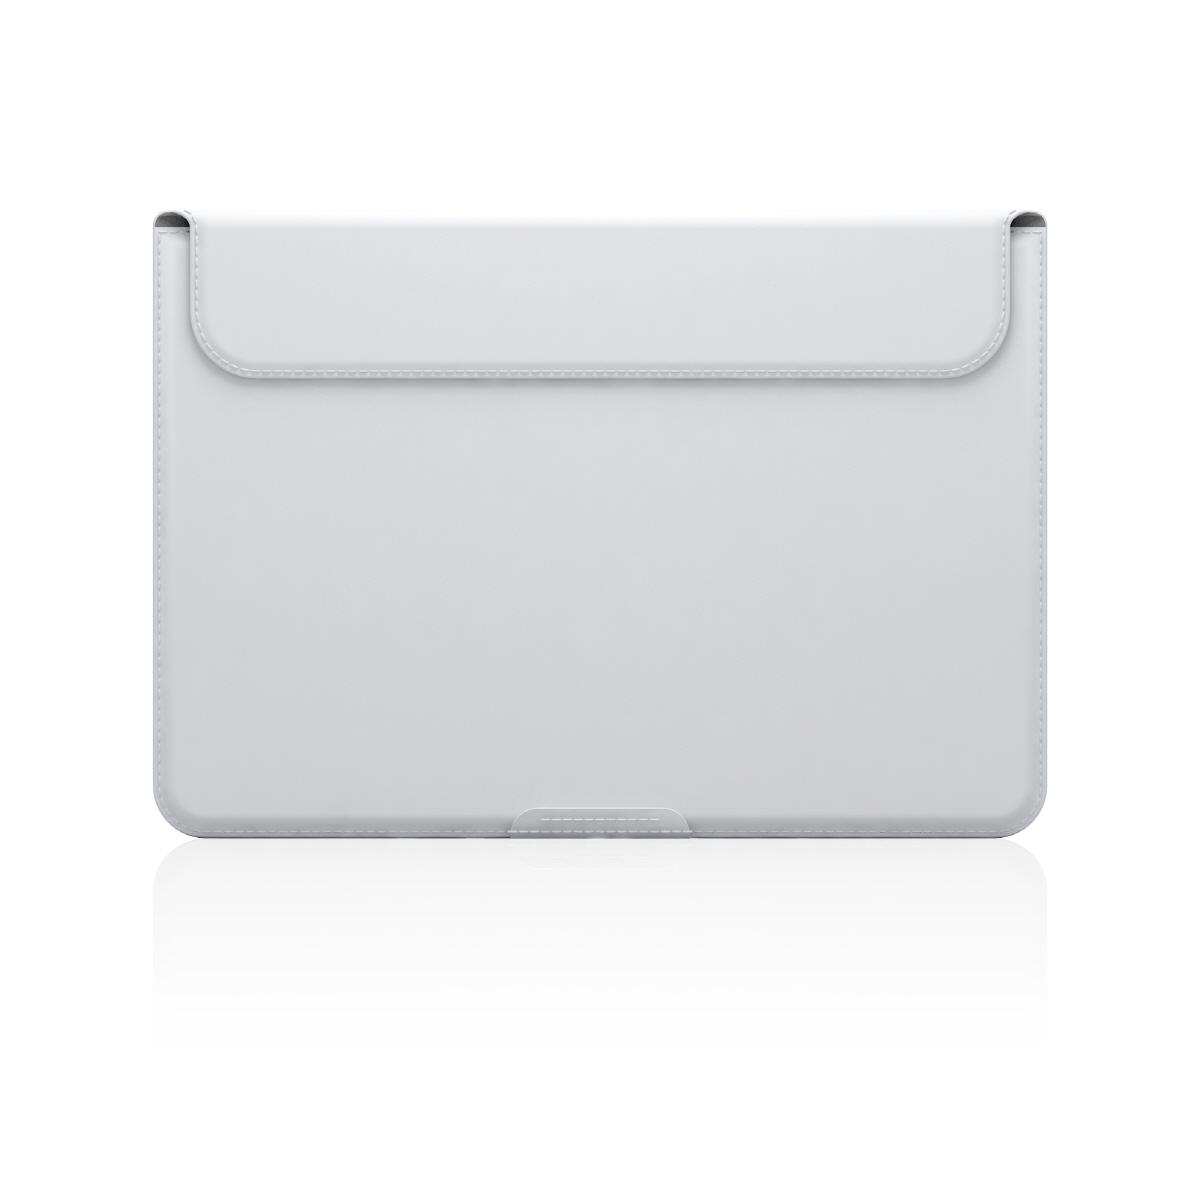 【MacBook 12インチ スタンドケース】 D5 Artificial Leather ホワイト(ディーファイブ アーティフィシャルレザー)